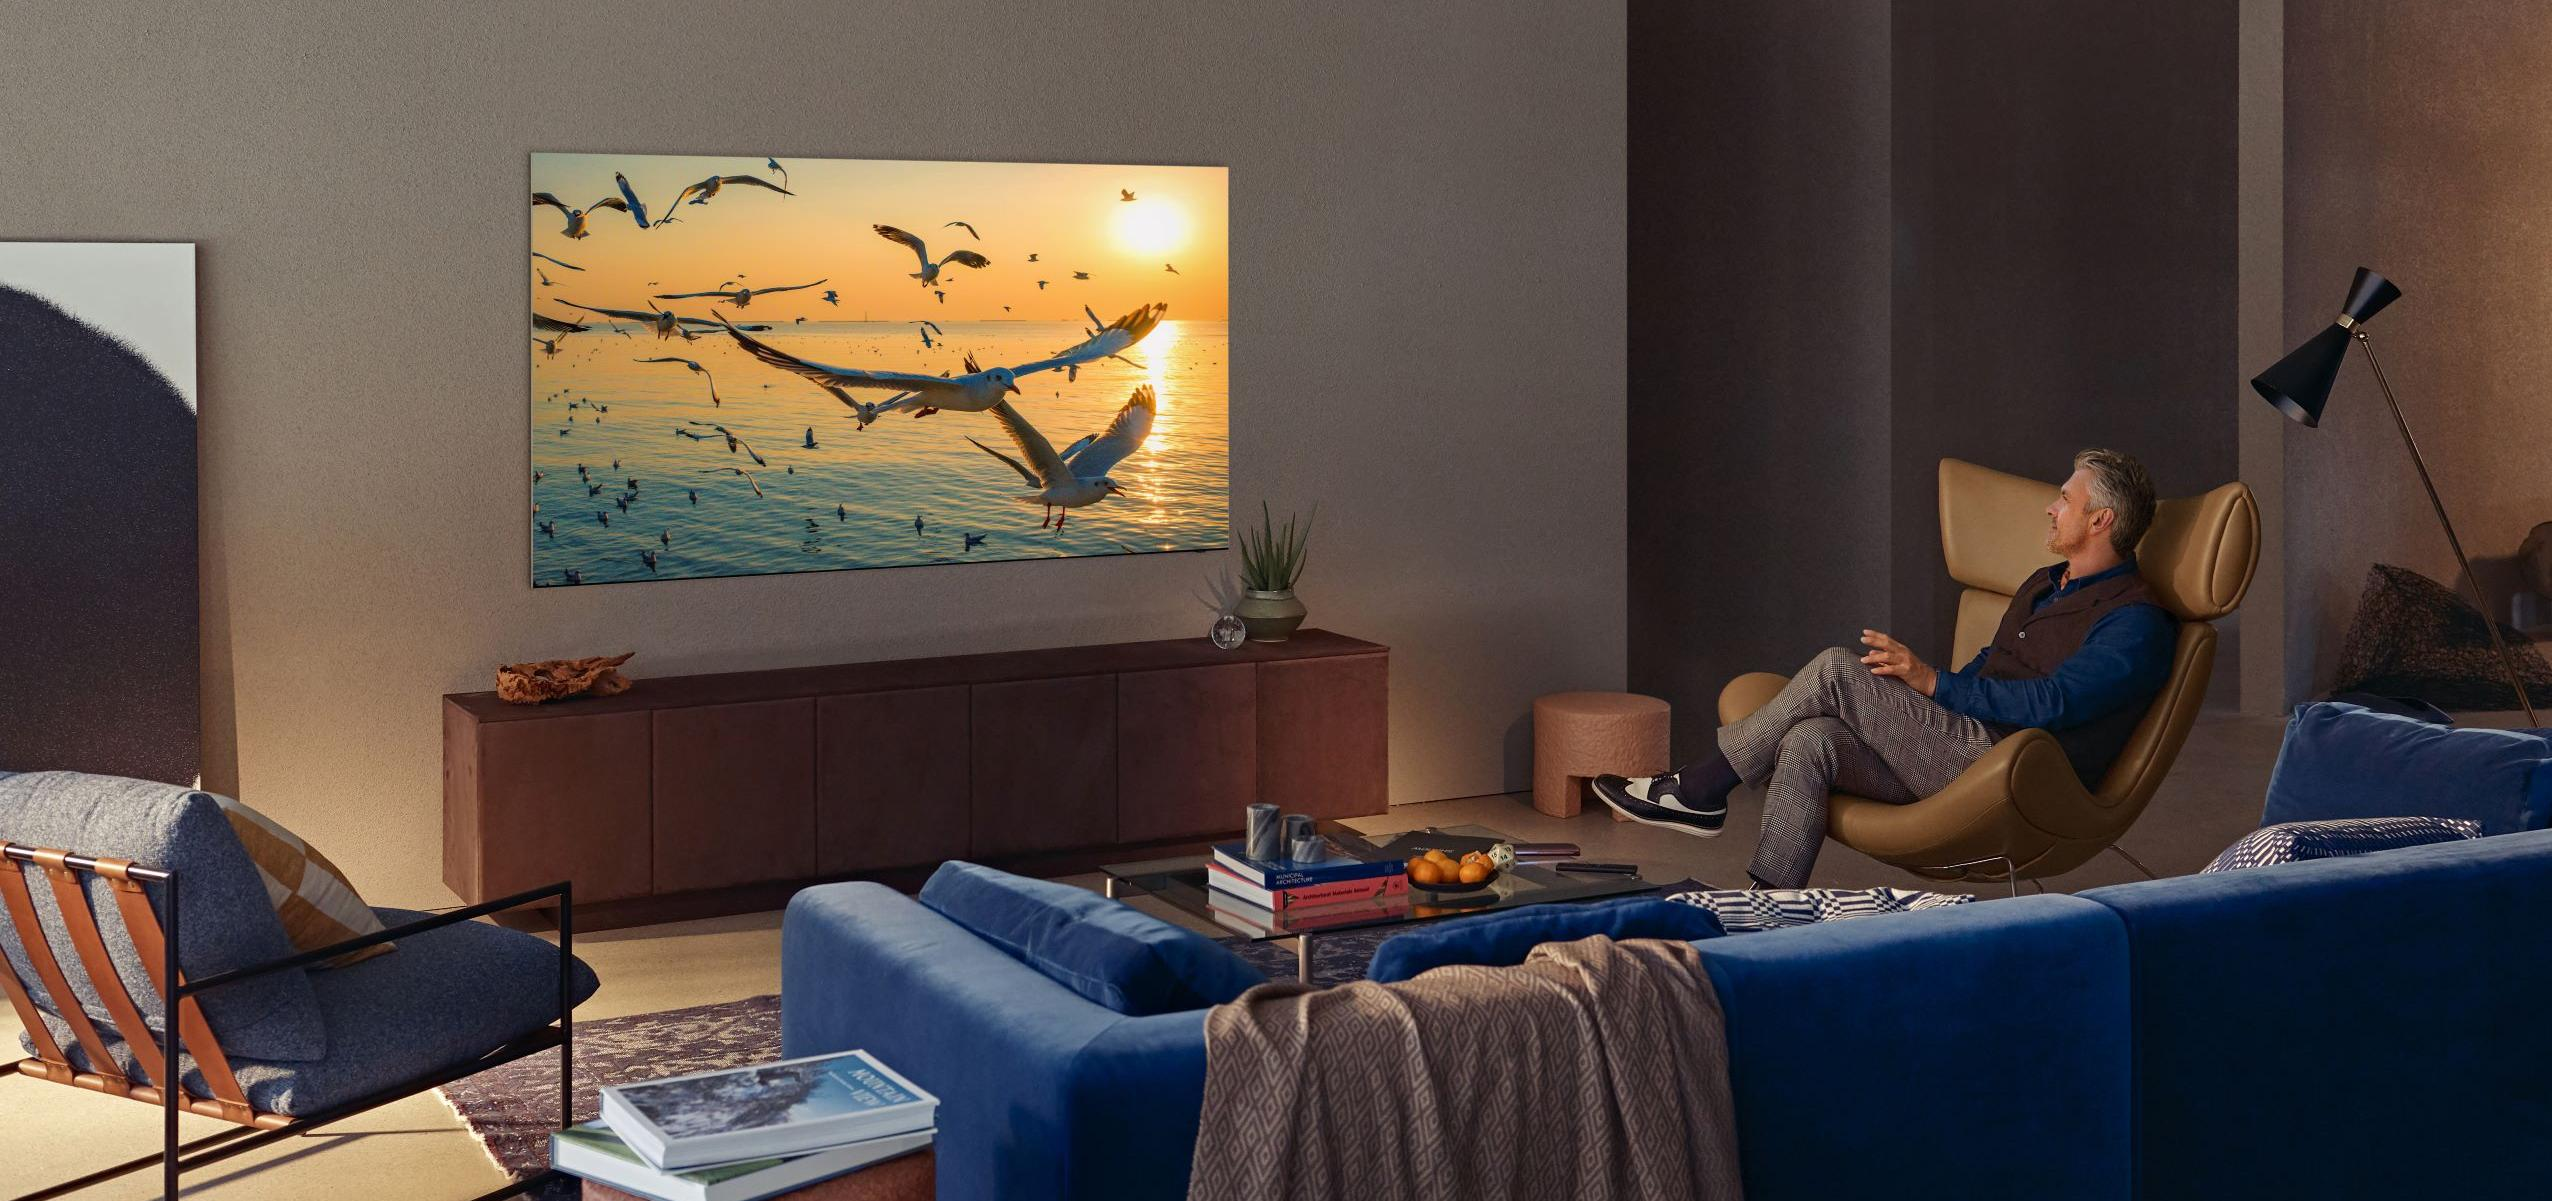 Neo QLED inneholder en ny type baklys som gir LCD-skjermene enda bedre bilde.